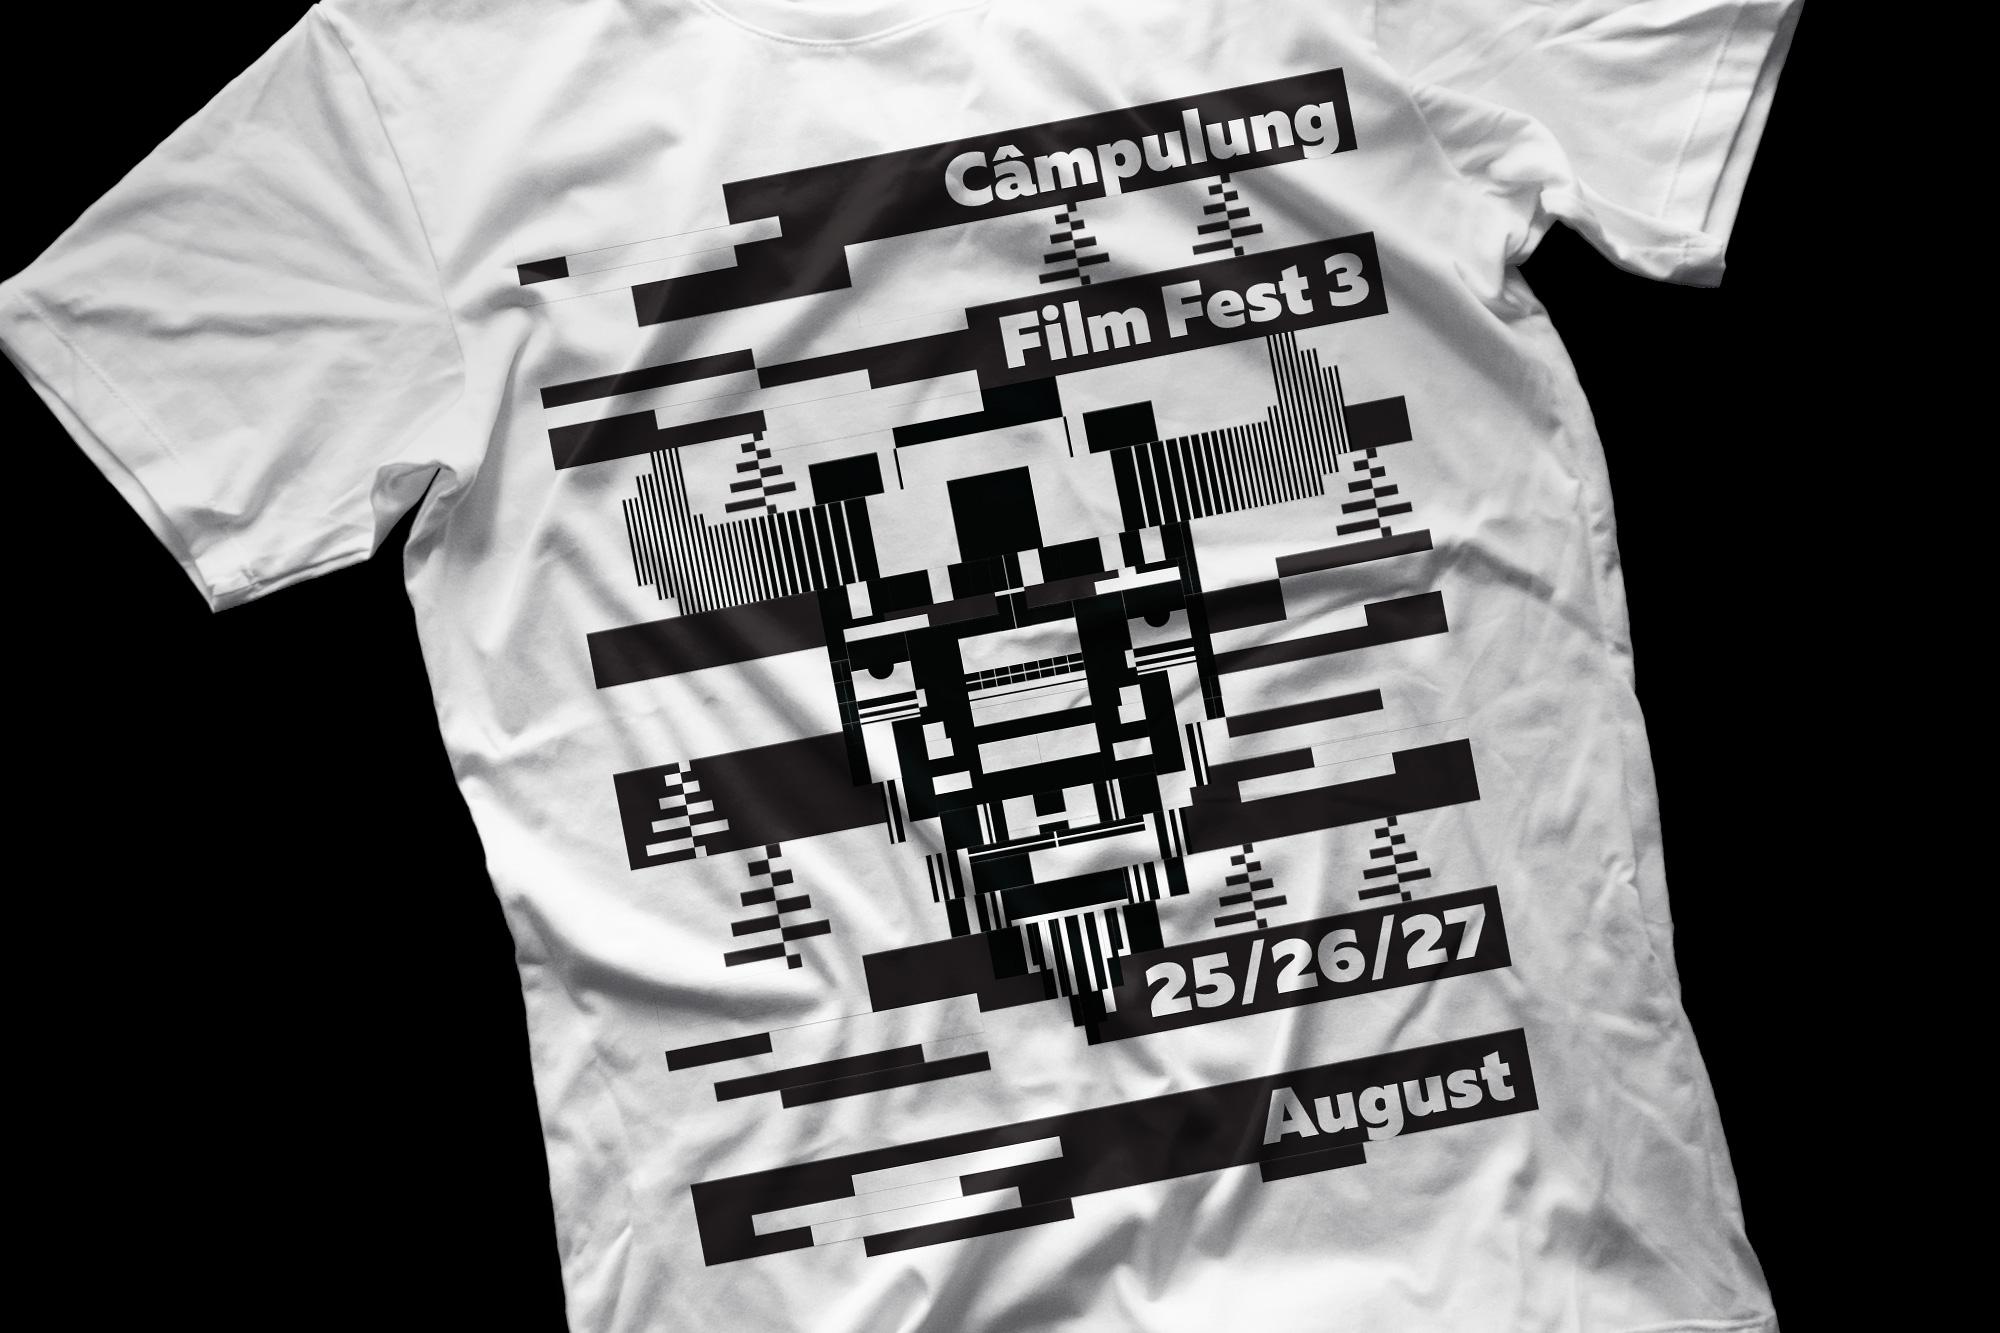 Campulung Film Fest 3